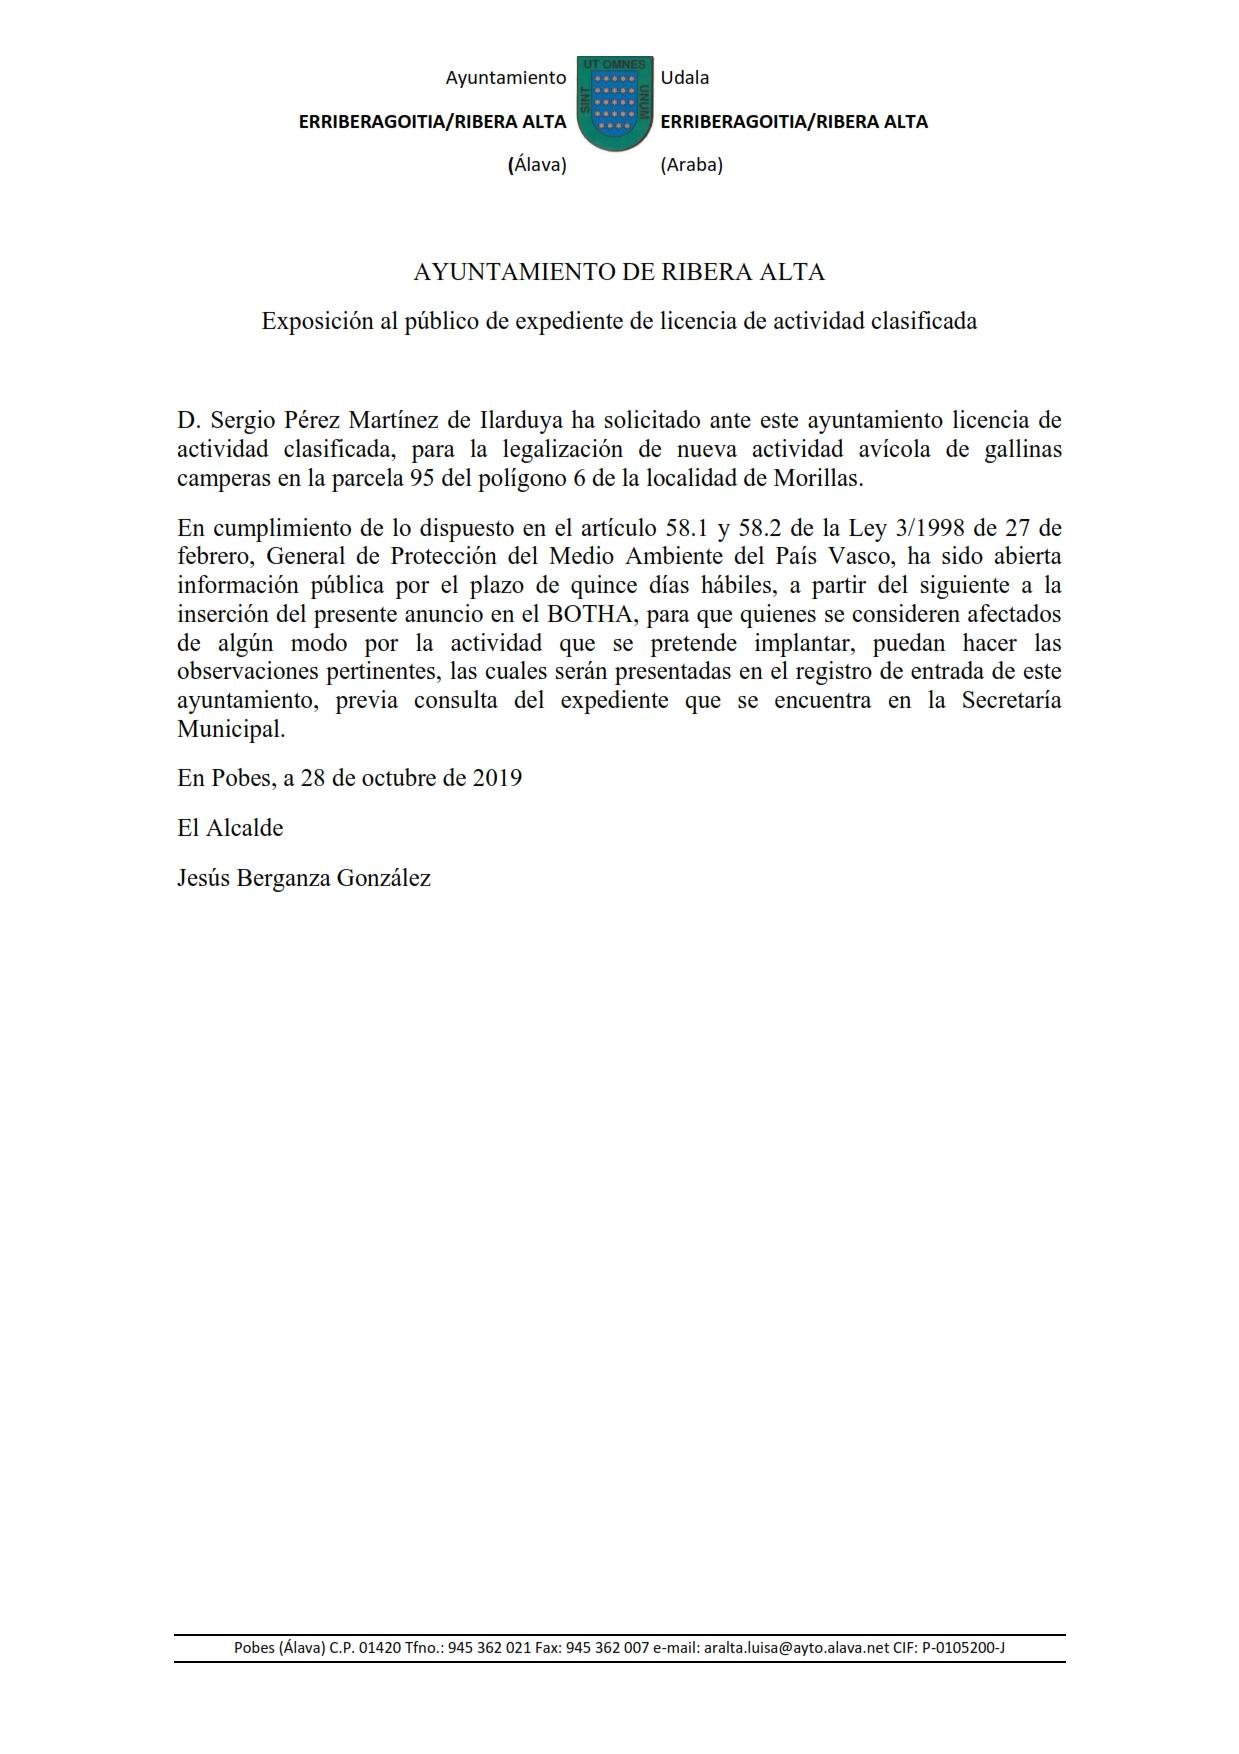 ANUNCIO EXPEDIENTE RUINA, orden de ejecución incumplimiento de deberes seguridad